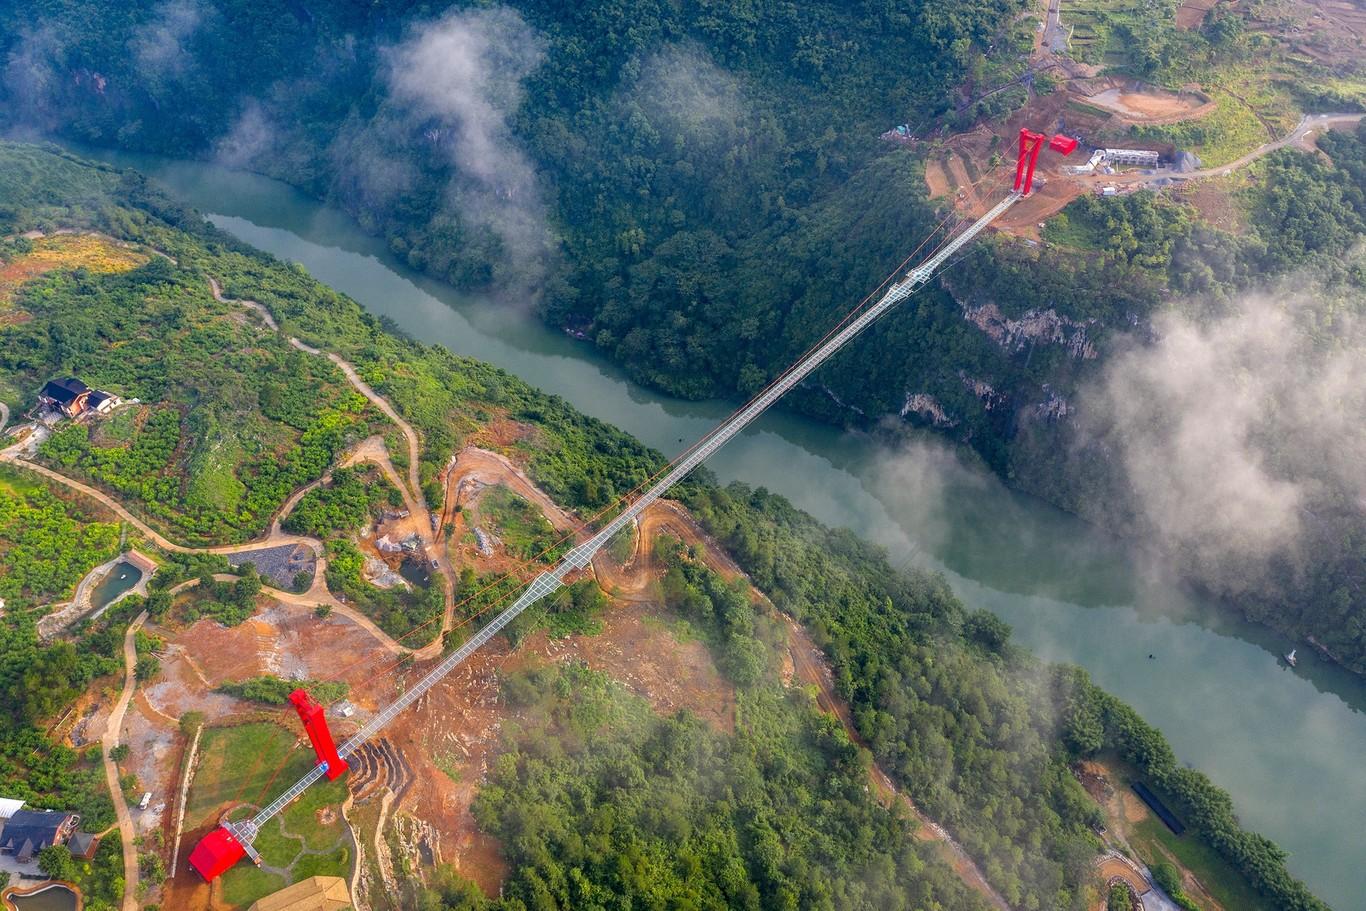 puente mas largo del mundo foto aerea